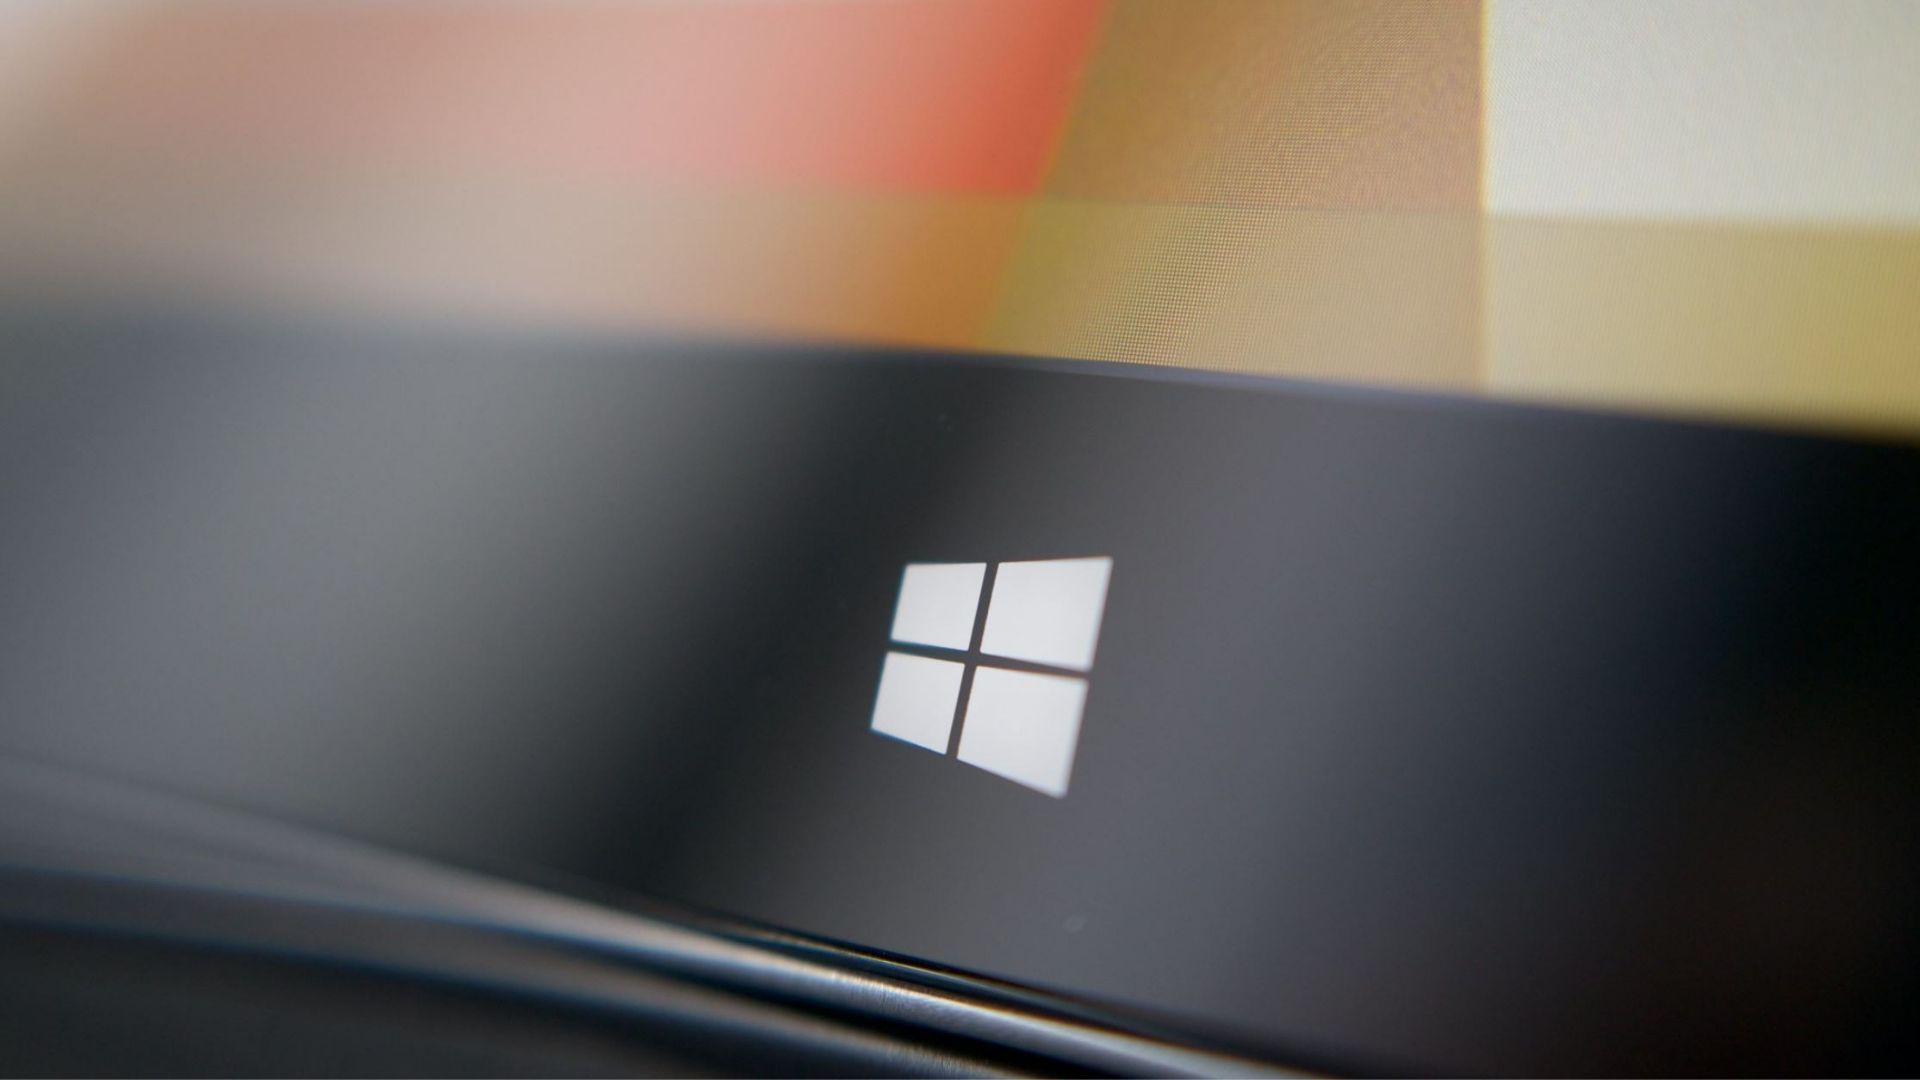 Microsoft prépare bien un nouvel appareil Surface avec deux écrans